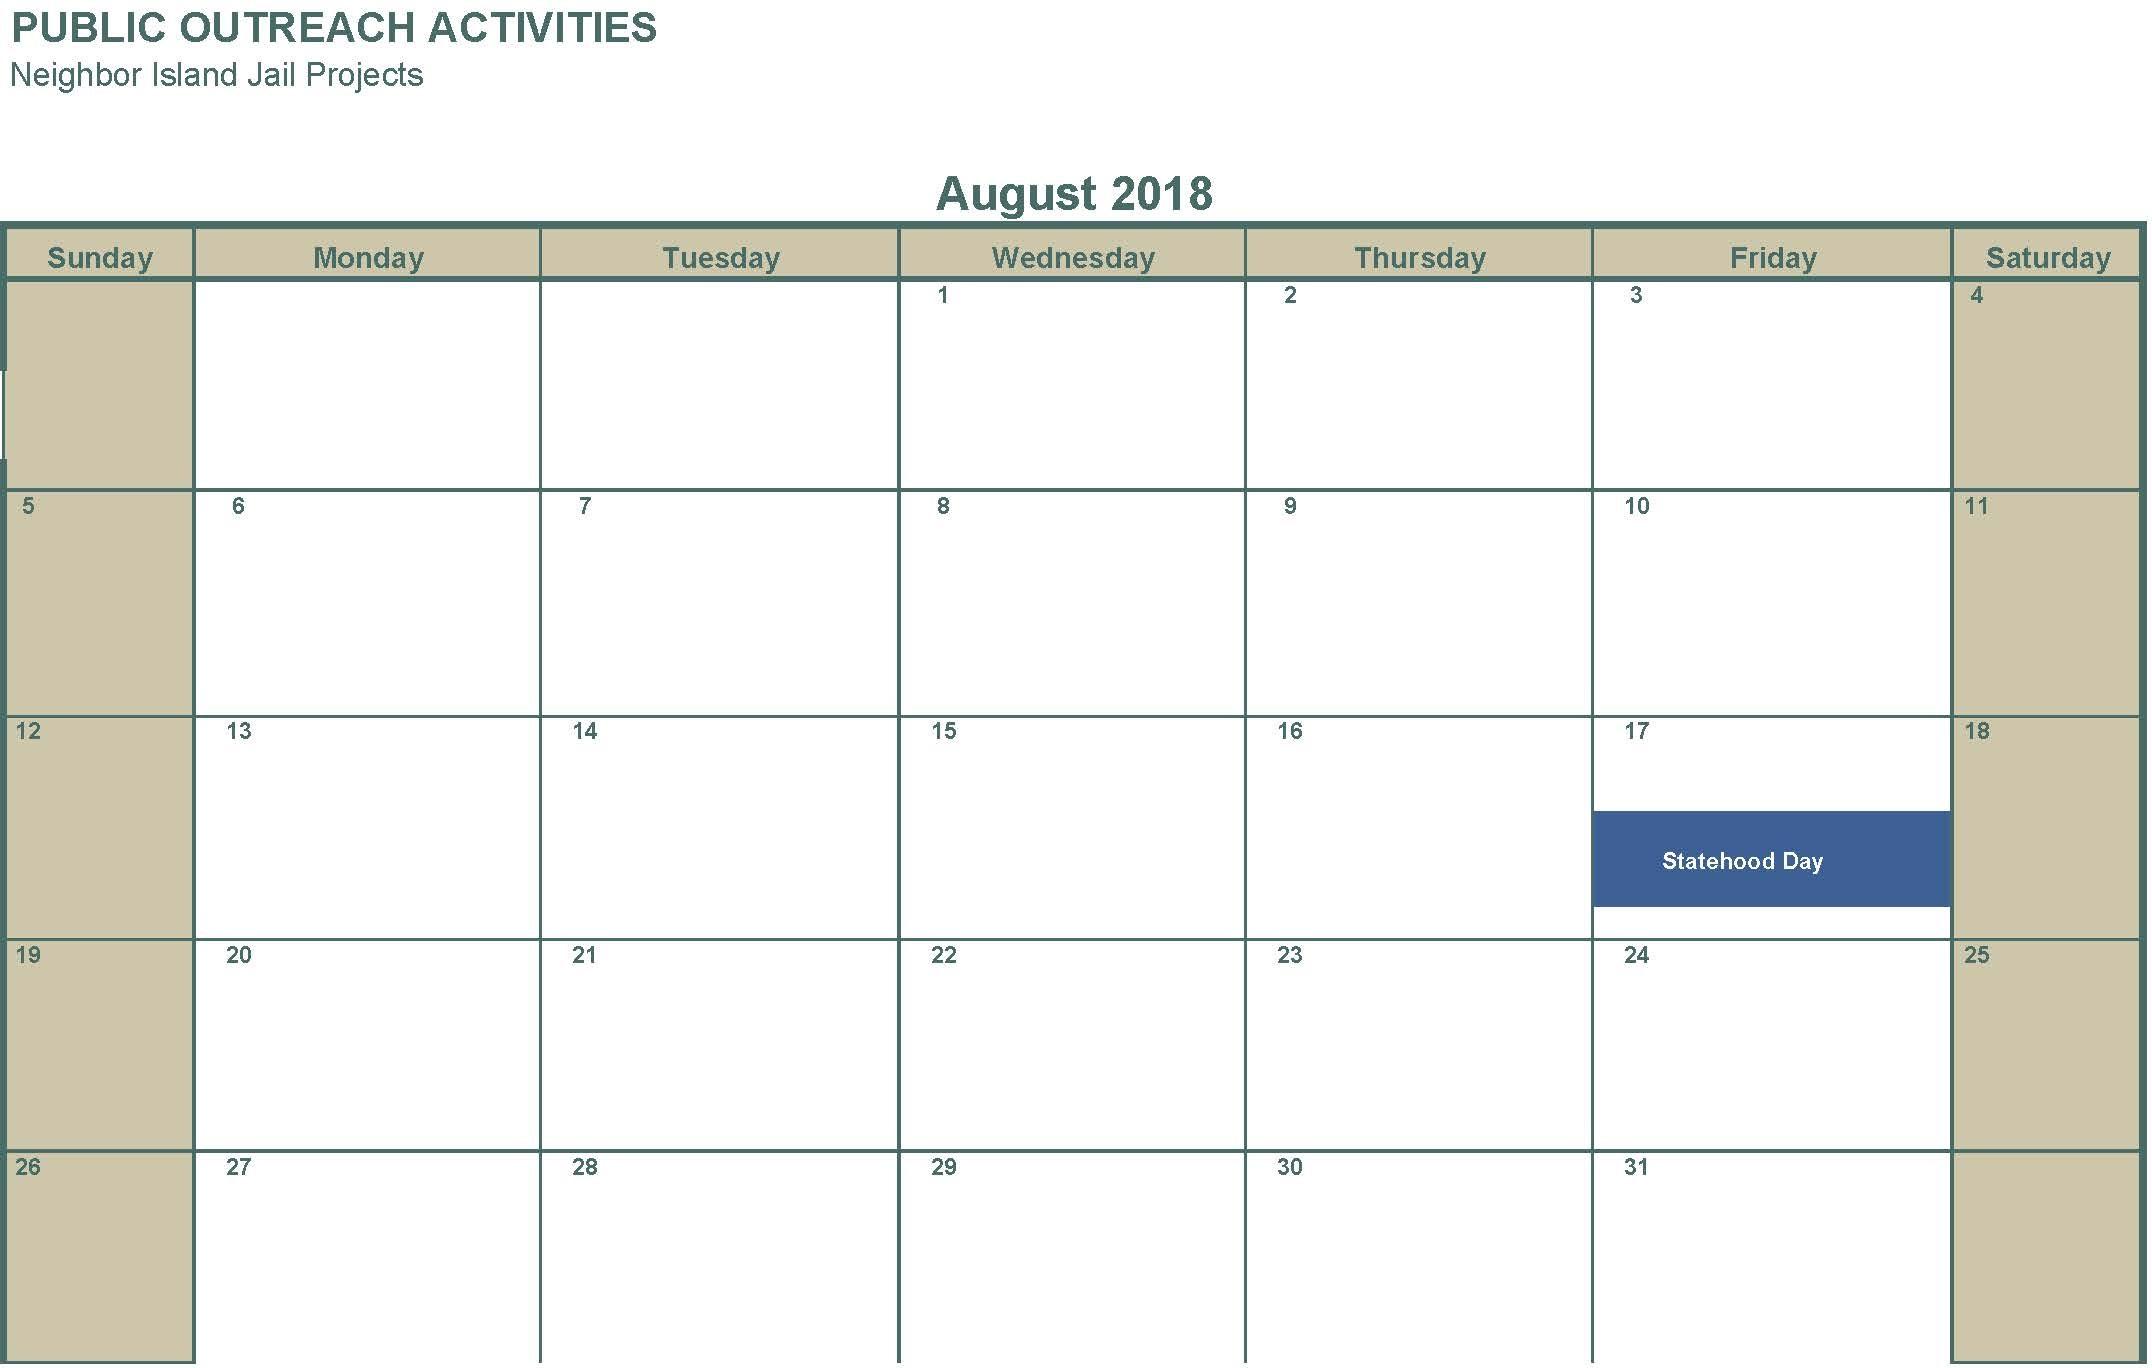 August 2018 No activities